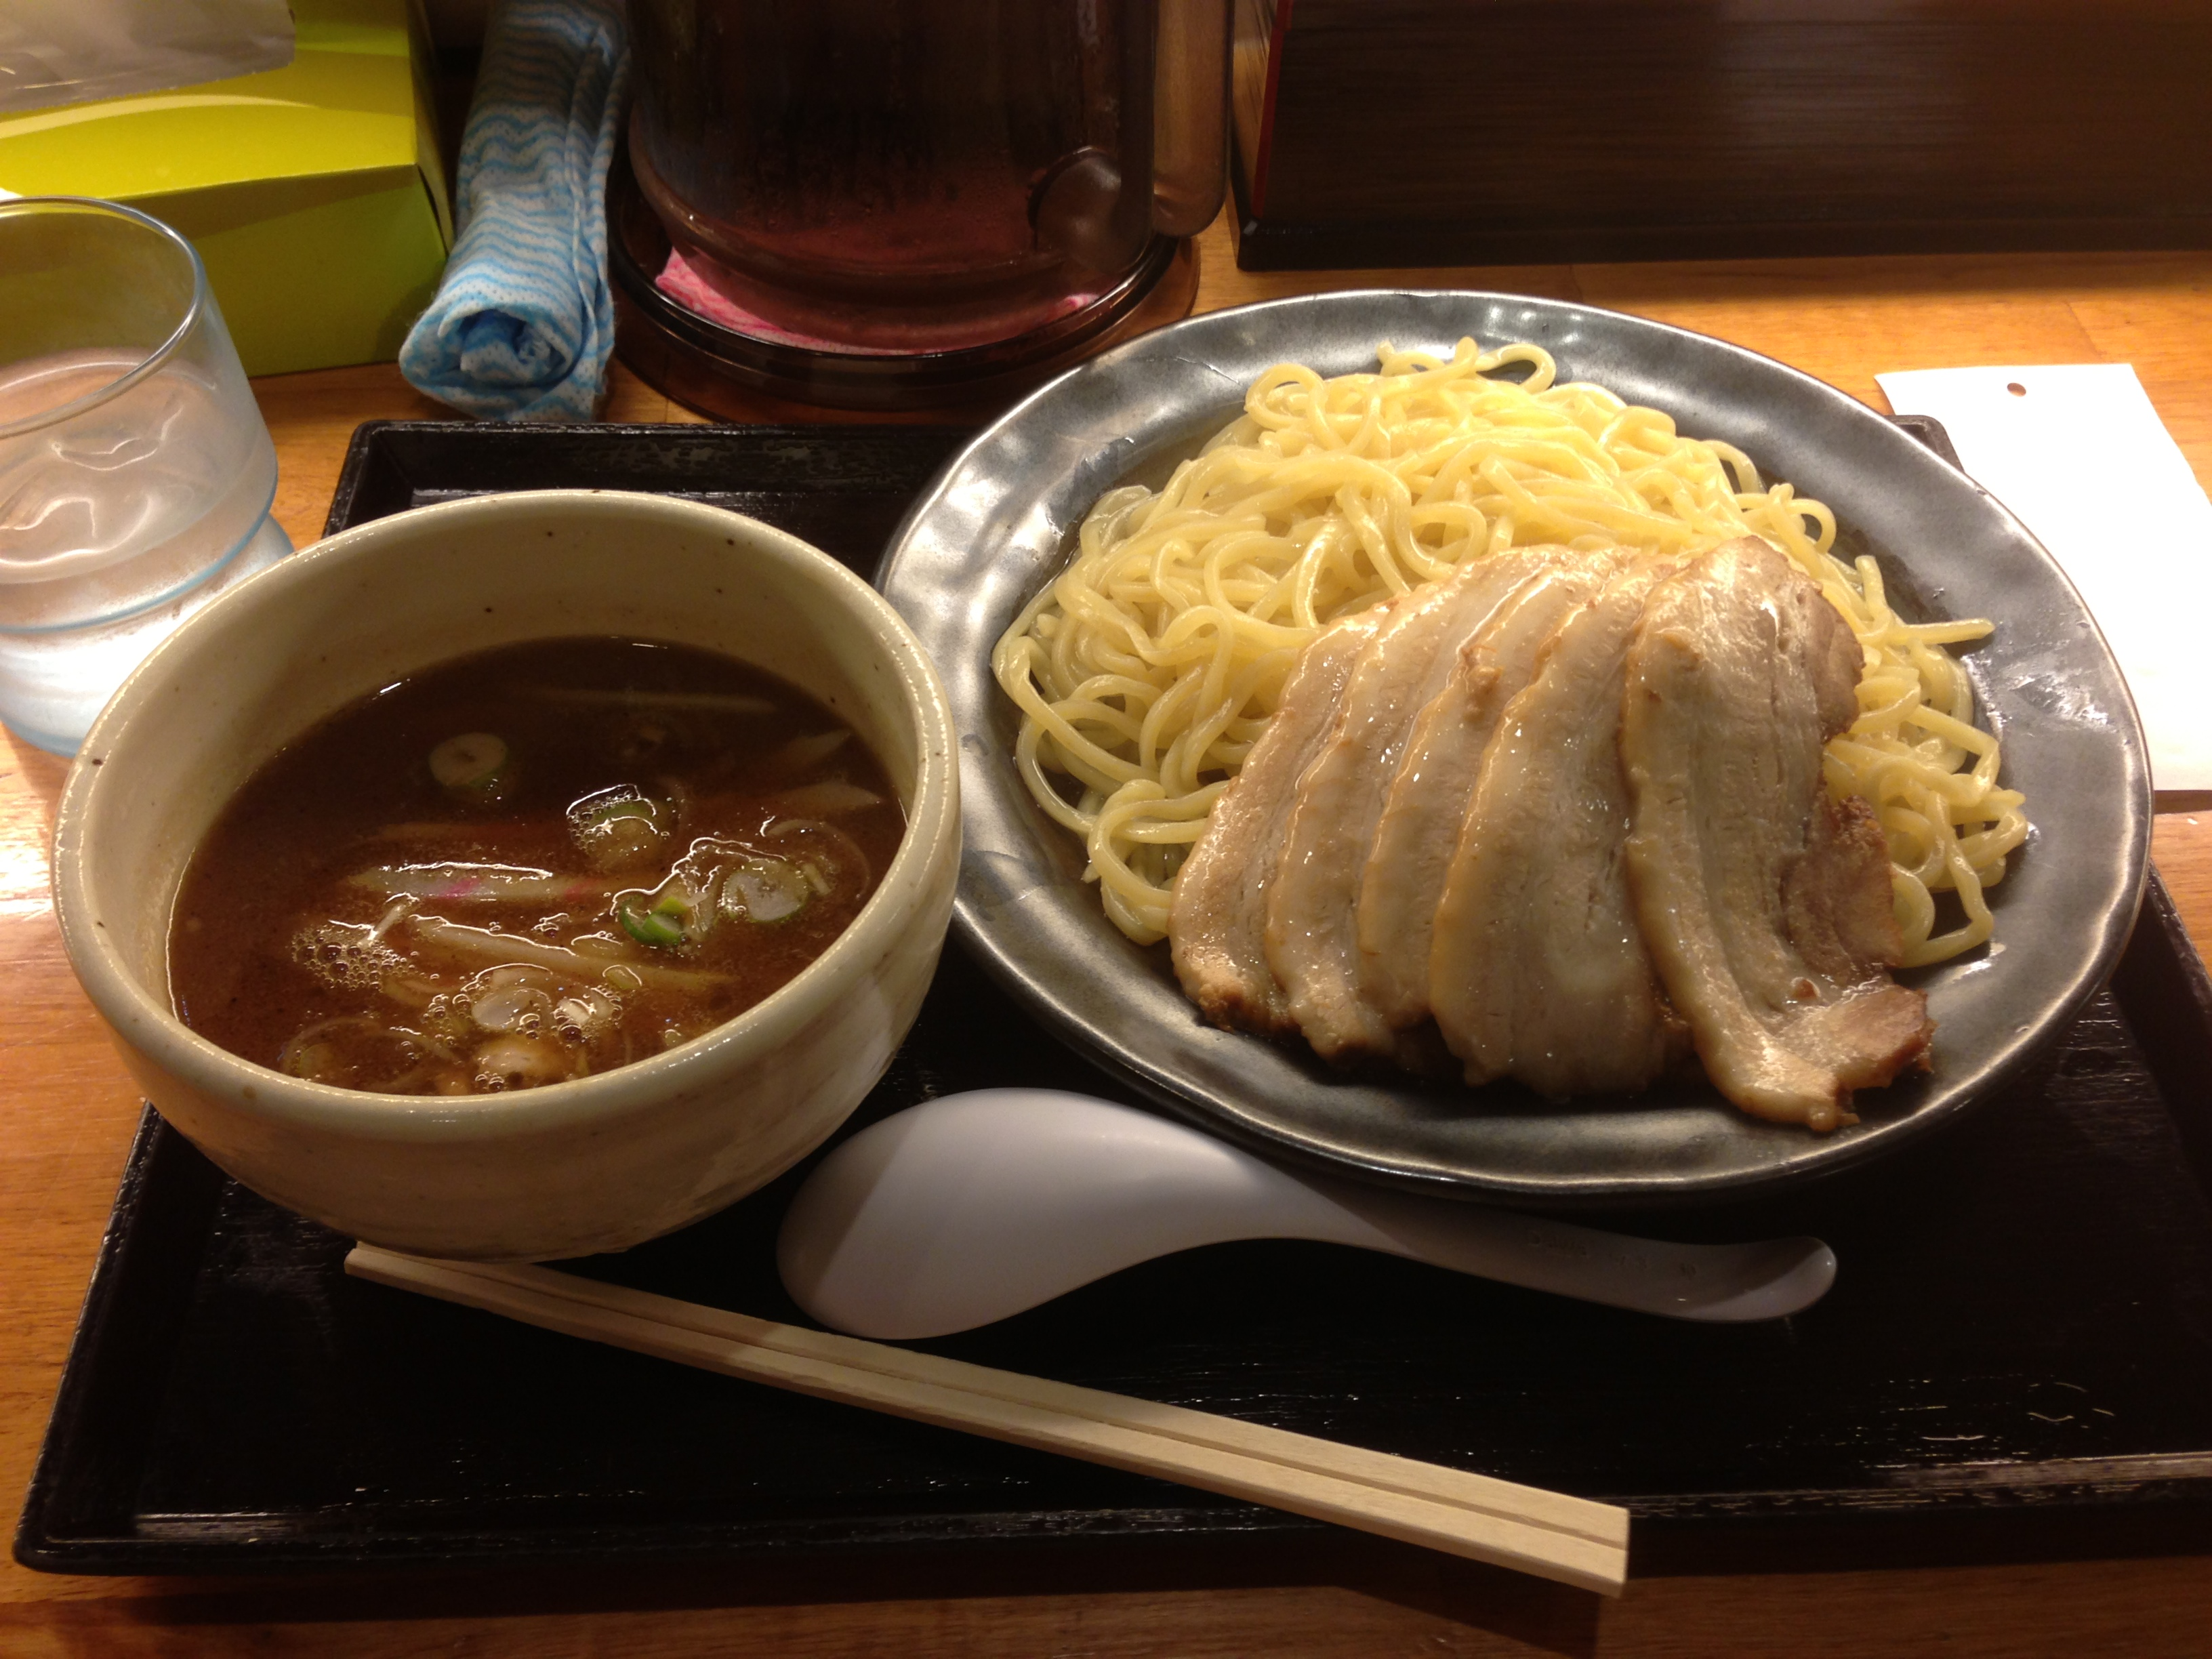 テツの食卓1 癒庵(山形県酒田市)